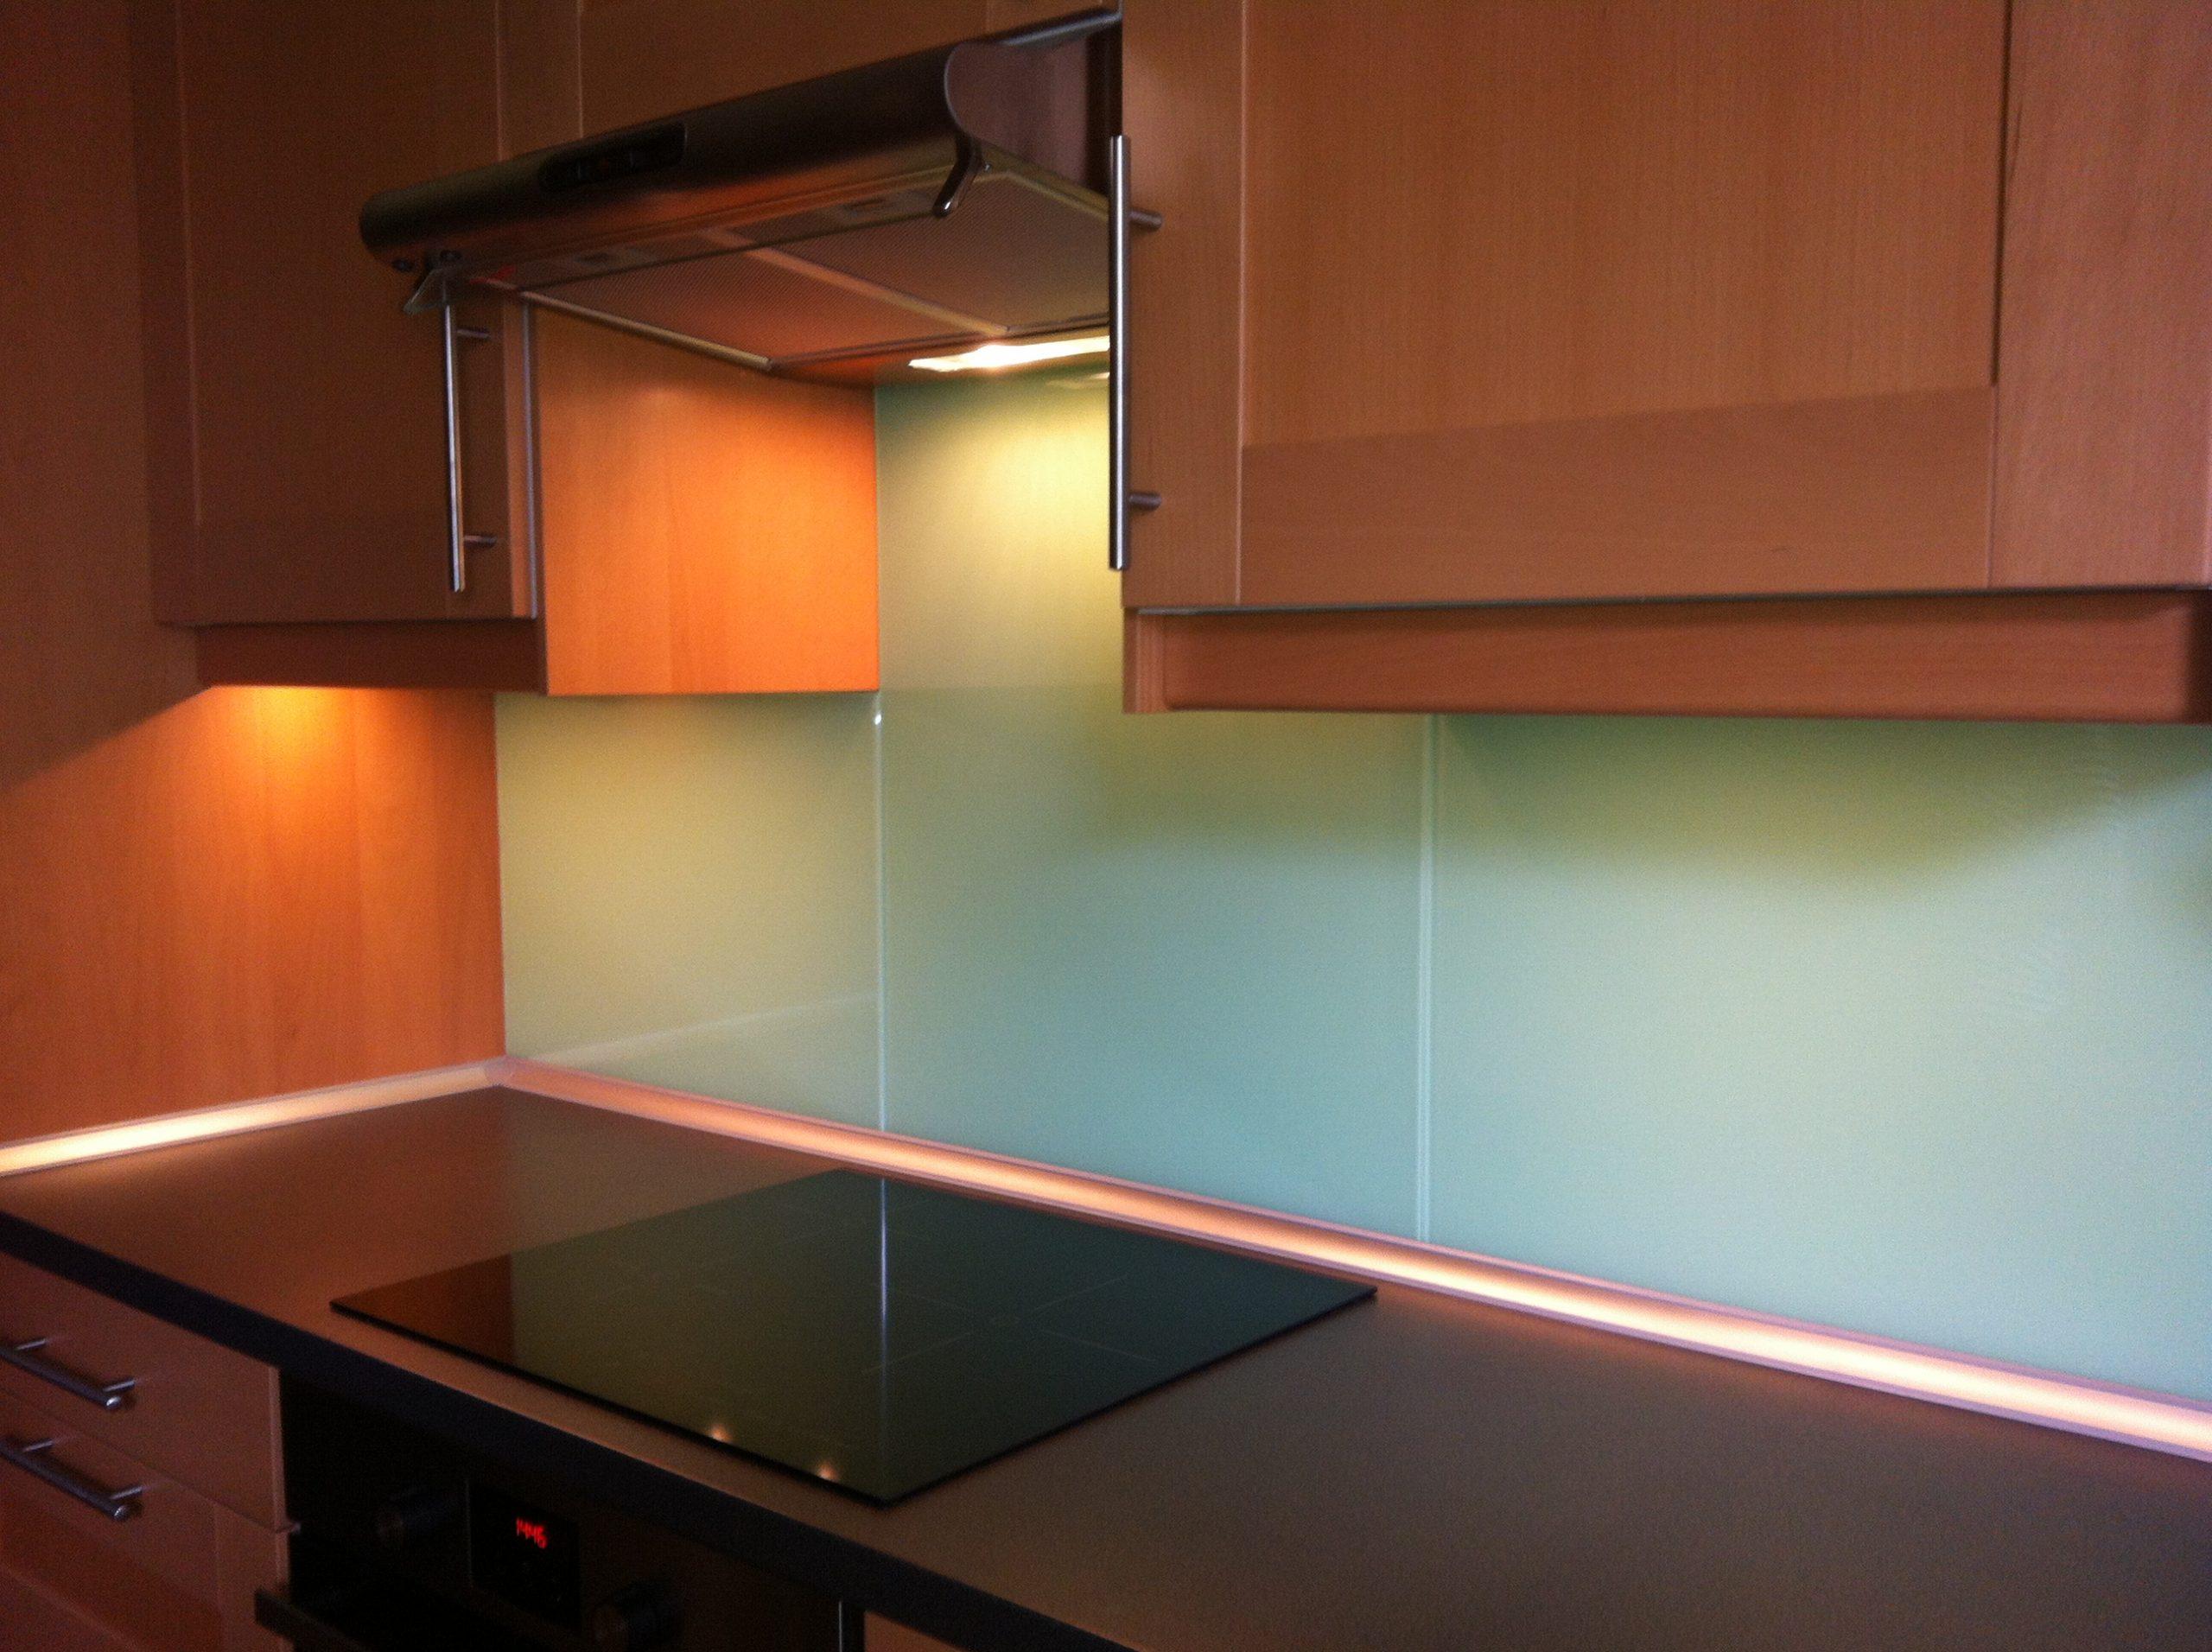 Full Size of Küche Wandverkleidung Wie Arbeitsplatte Küche Wandverkleidung Plexiglas Küche Wandverkleidung Glas Mit Motiv Küche Wandverkleidung Holz Küche Küche Wandverkleidung